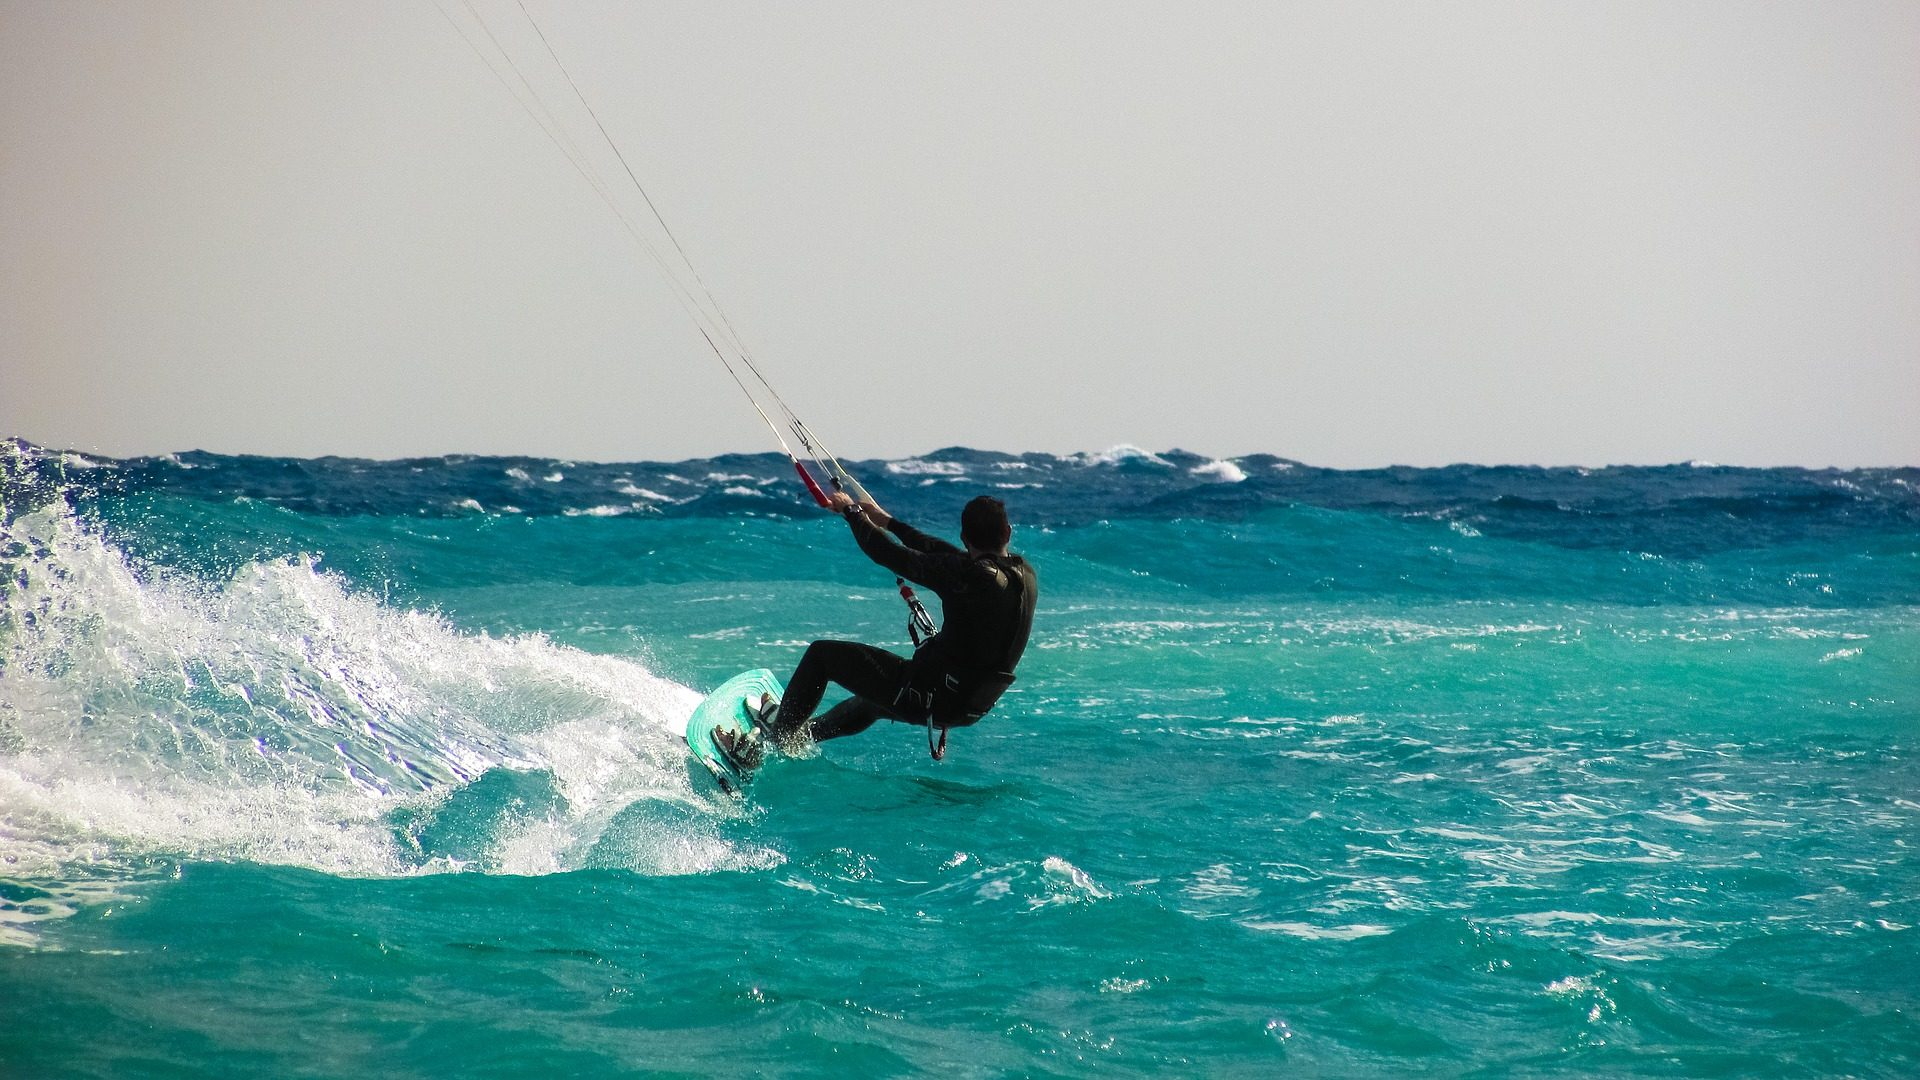 تصفح الورقية, موجات, البحر, الجدول, رجل, المخاطر - خلفيات عالية الدقة - أستاذ falken.com